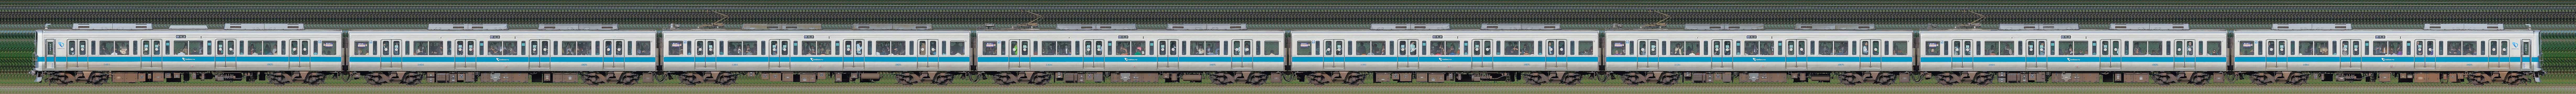 小田急1000形1081×8(海側)の編成サイドビュー